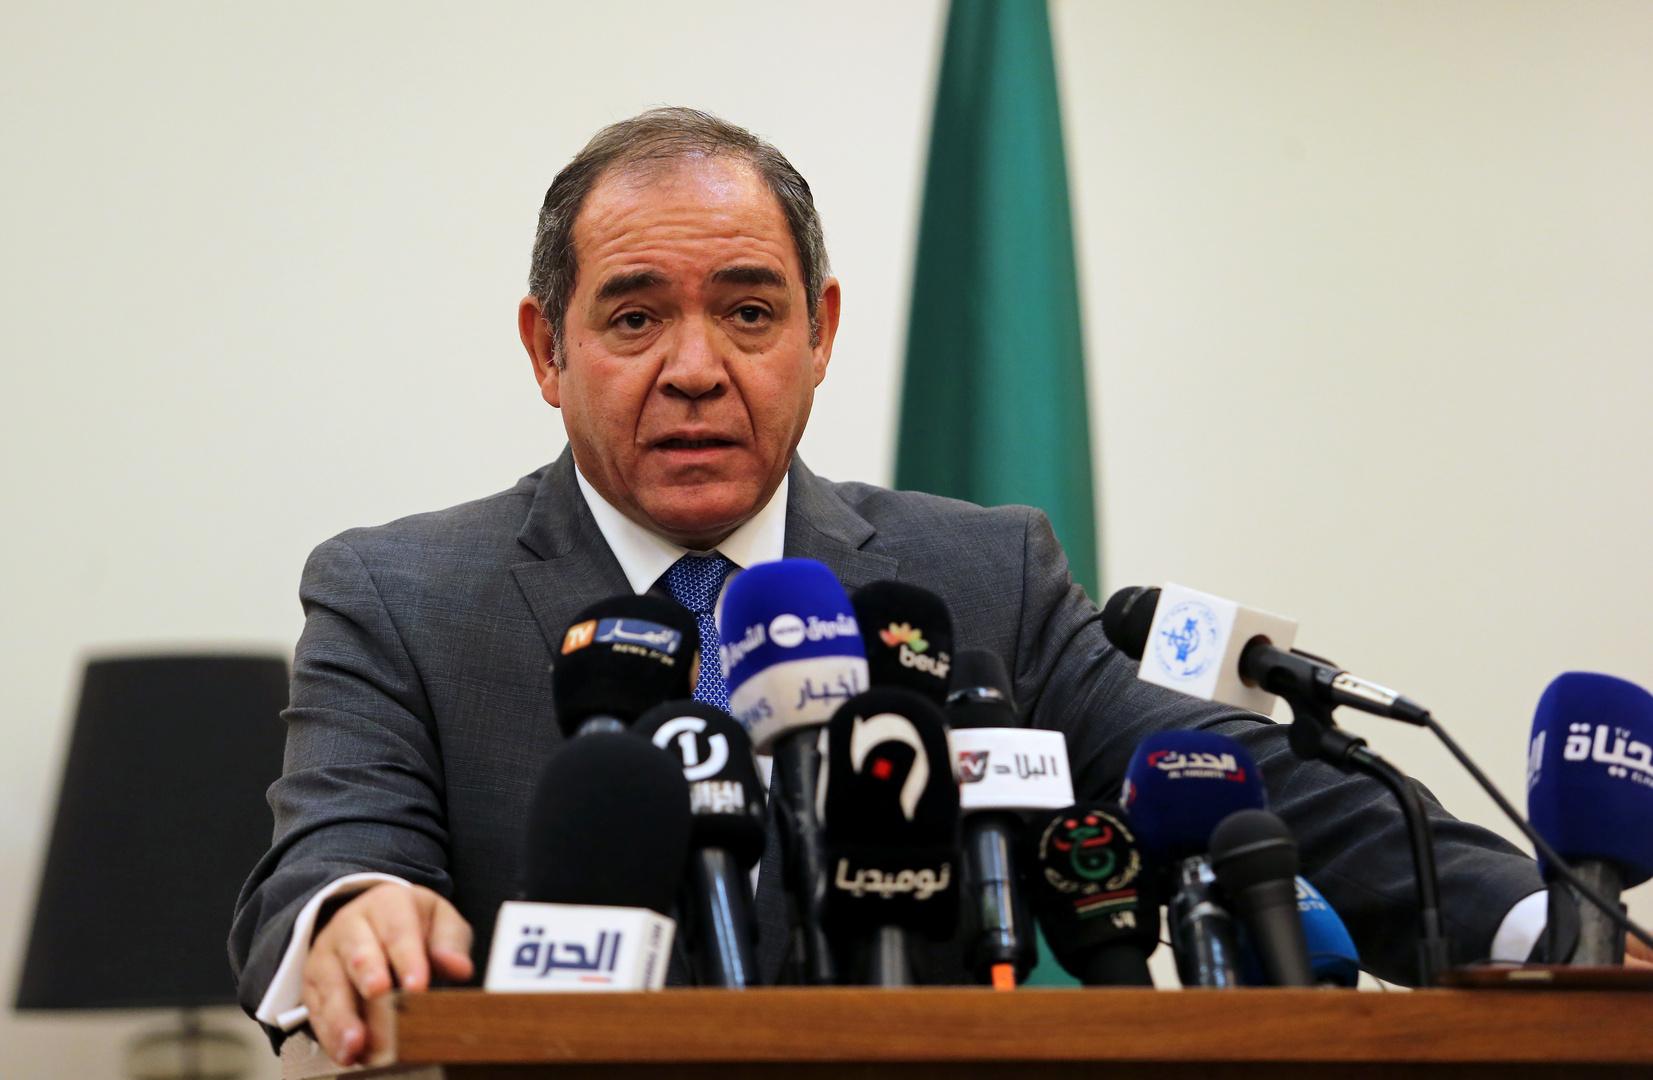 الجزائر: نشترك بحدود طويلة مع ليبيا ونسعى لحل أزمتها سلميا